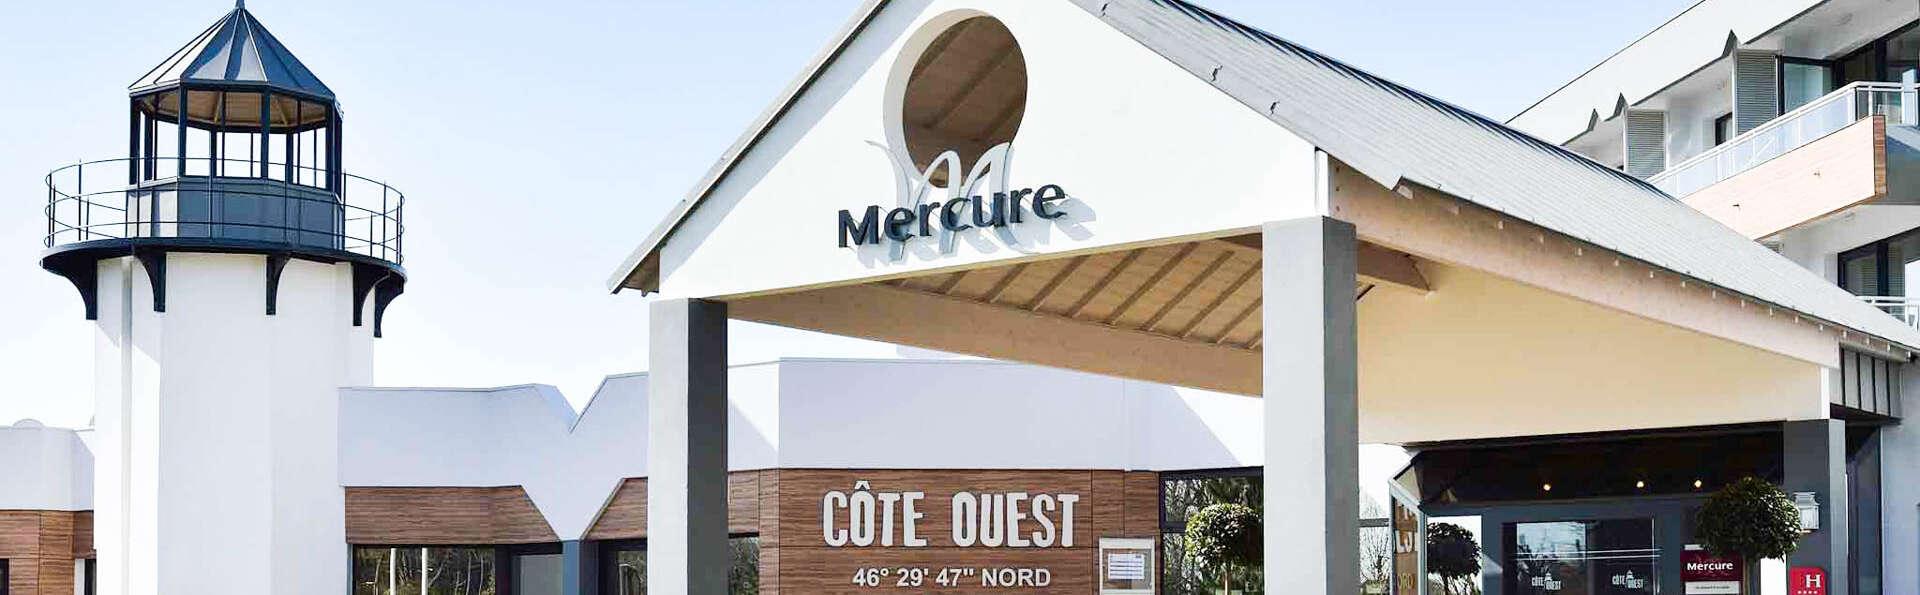 Cote Ouest Les Sables D'Olonne - EDIT_Outside-3.jpg